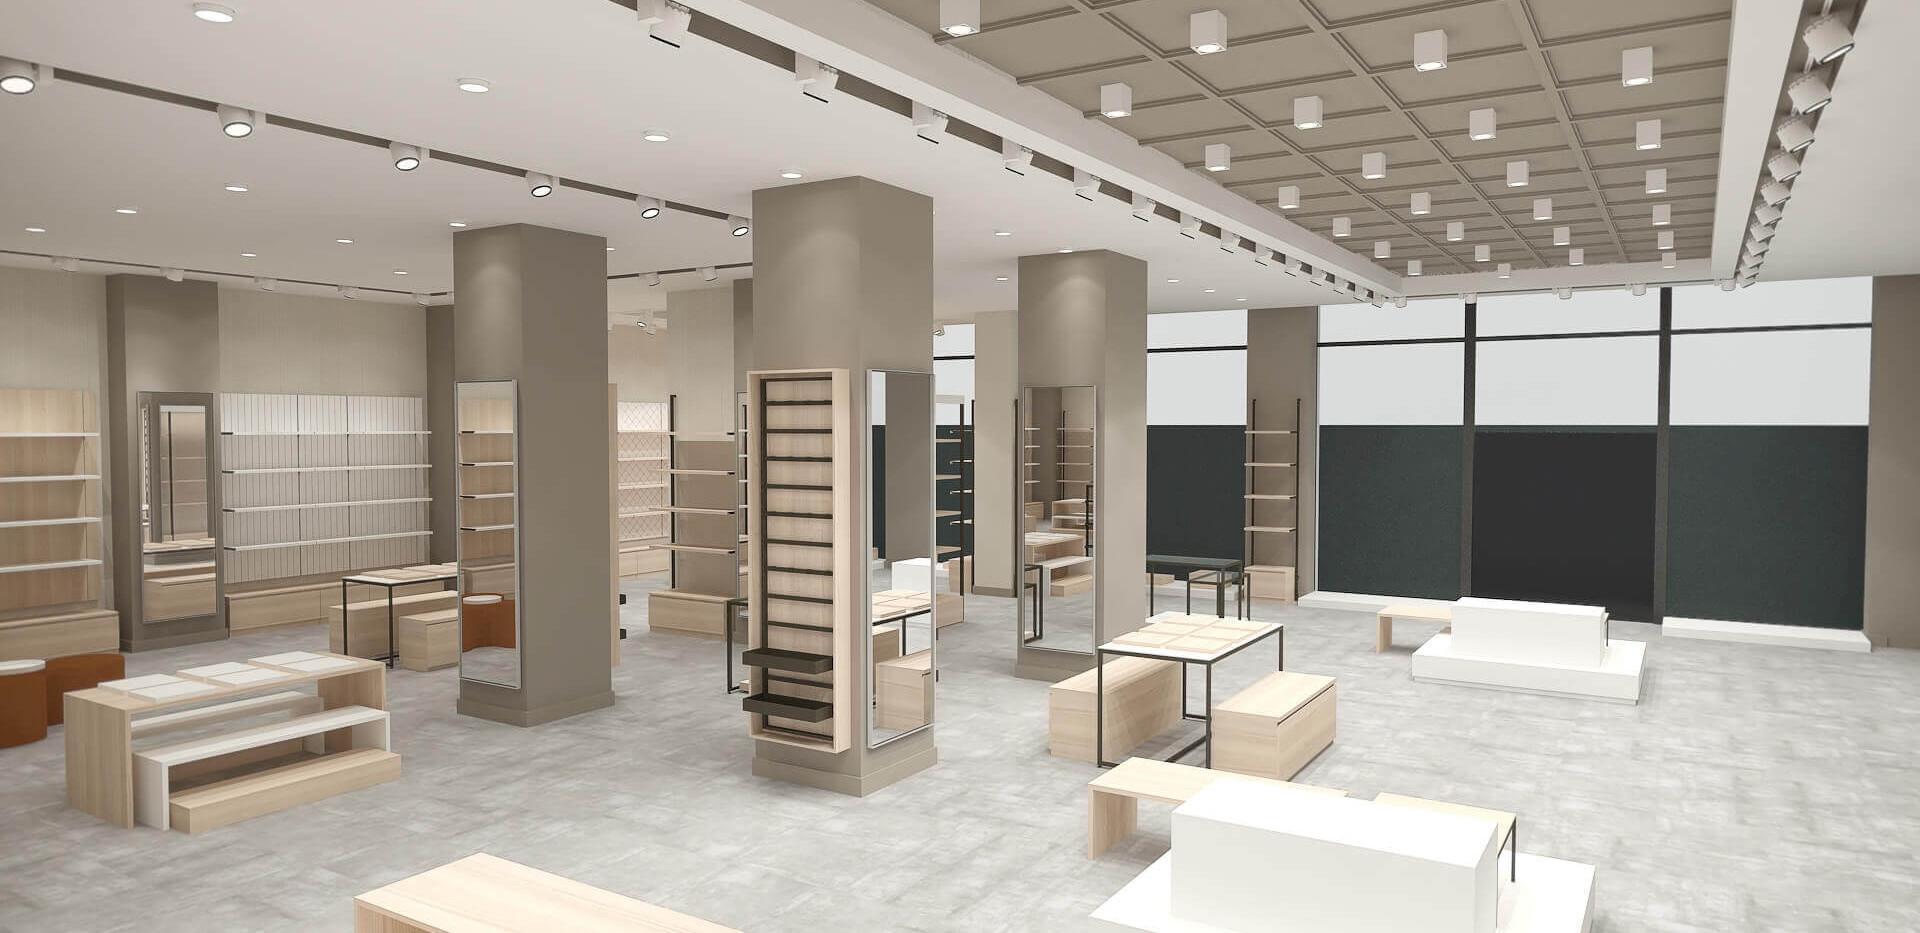 Cinici - Shoes Store Shop Design-6.jpg